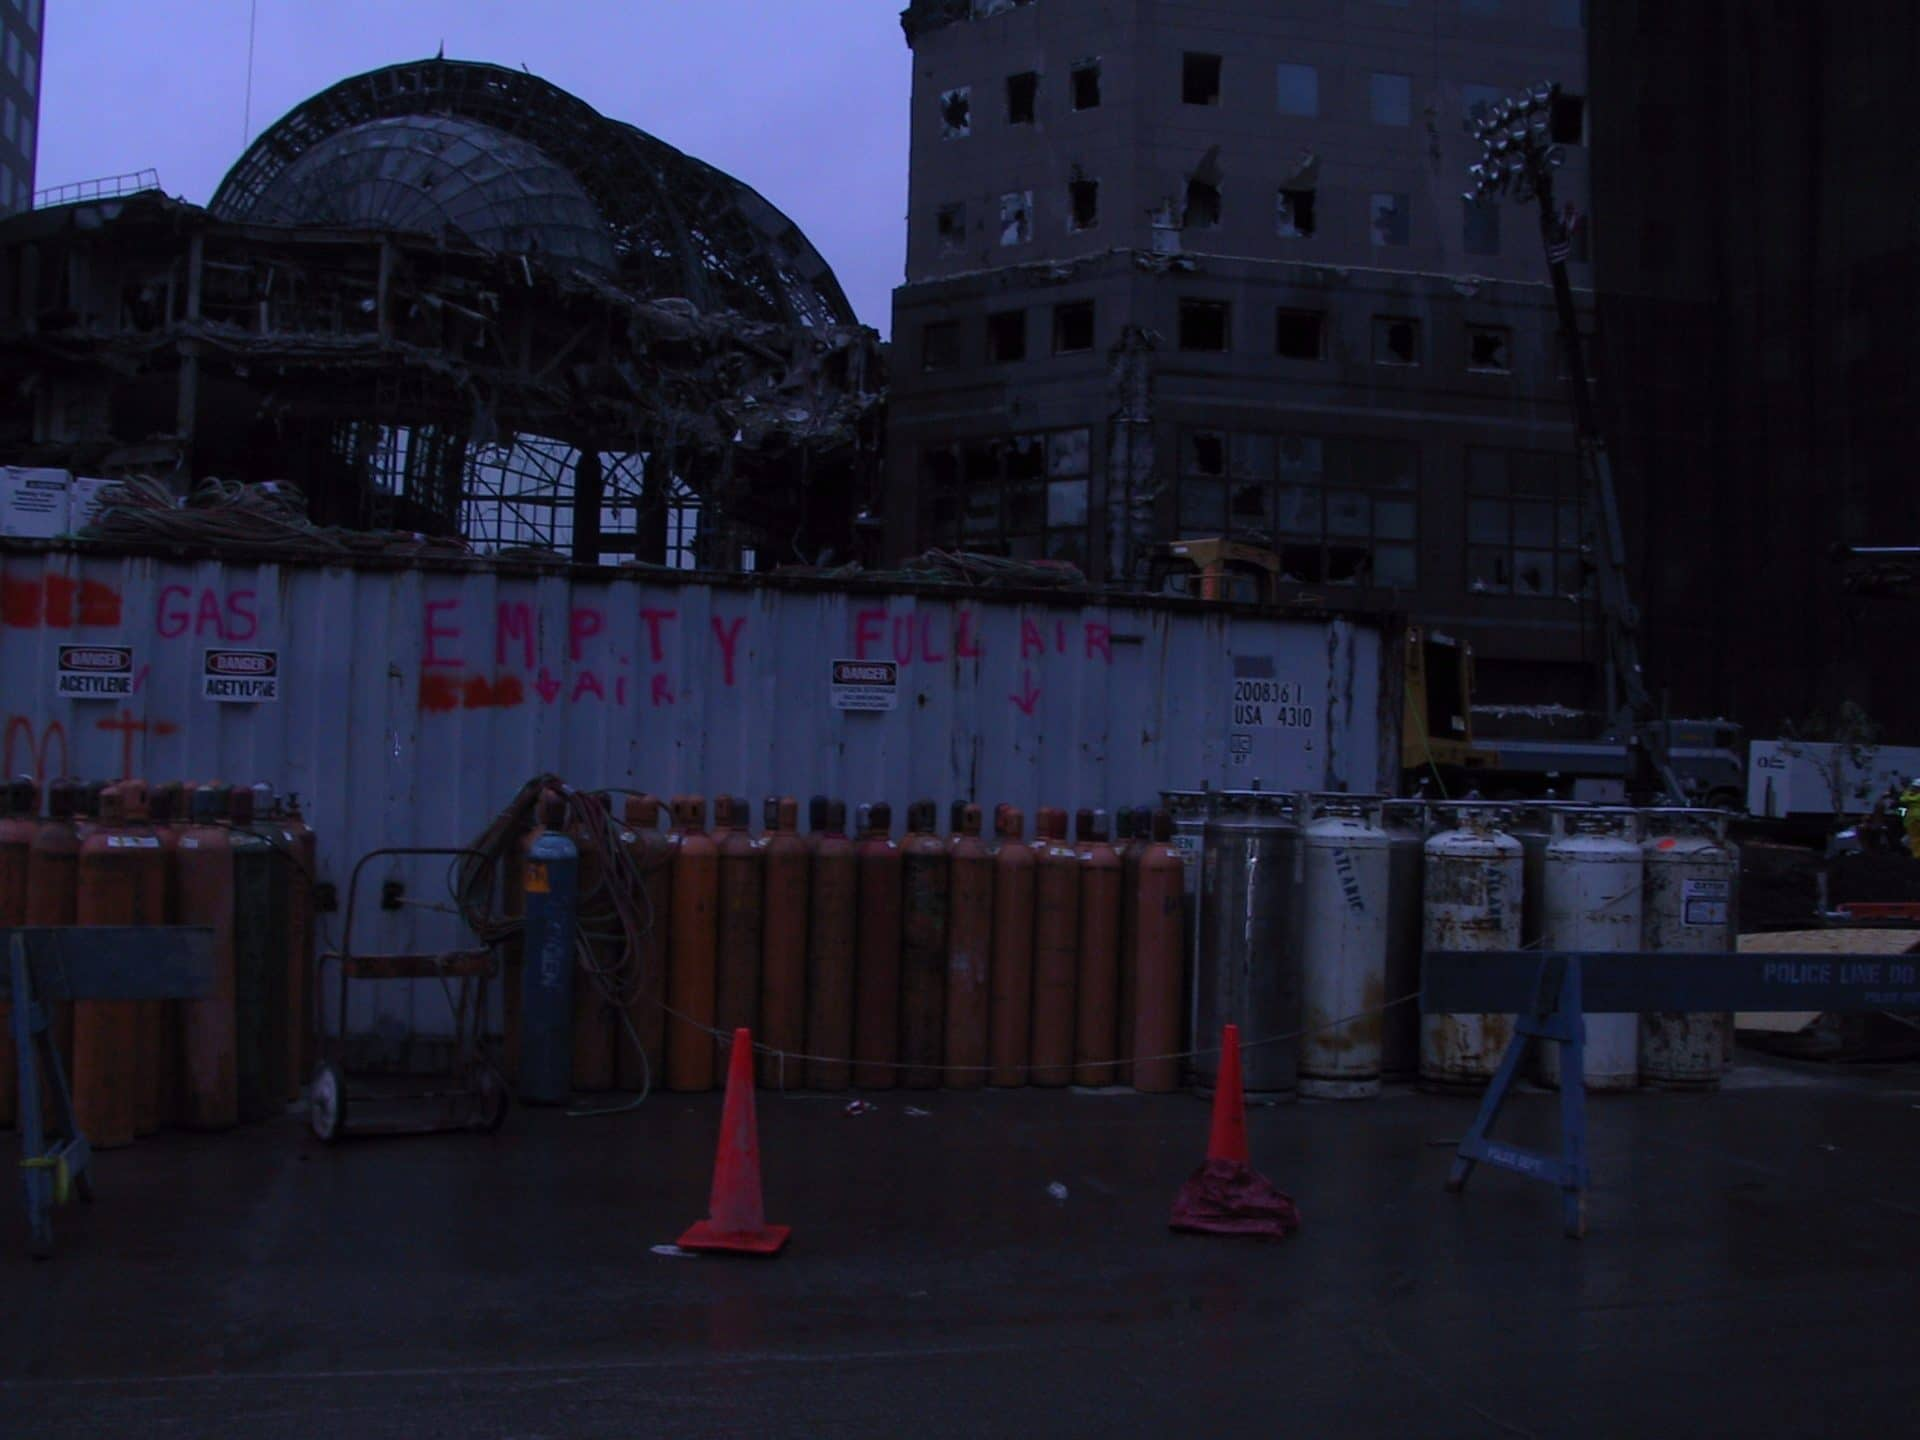 foto inedite 11 settembre